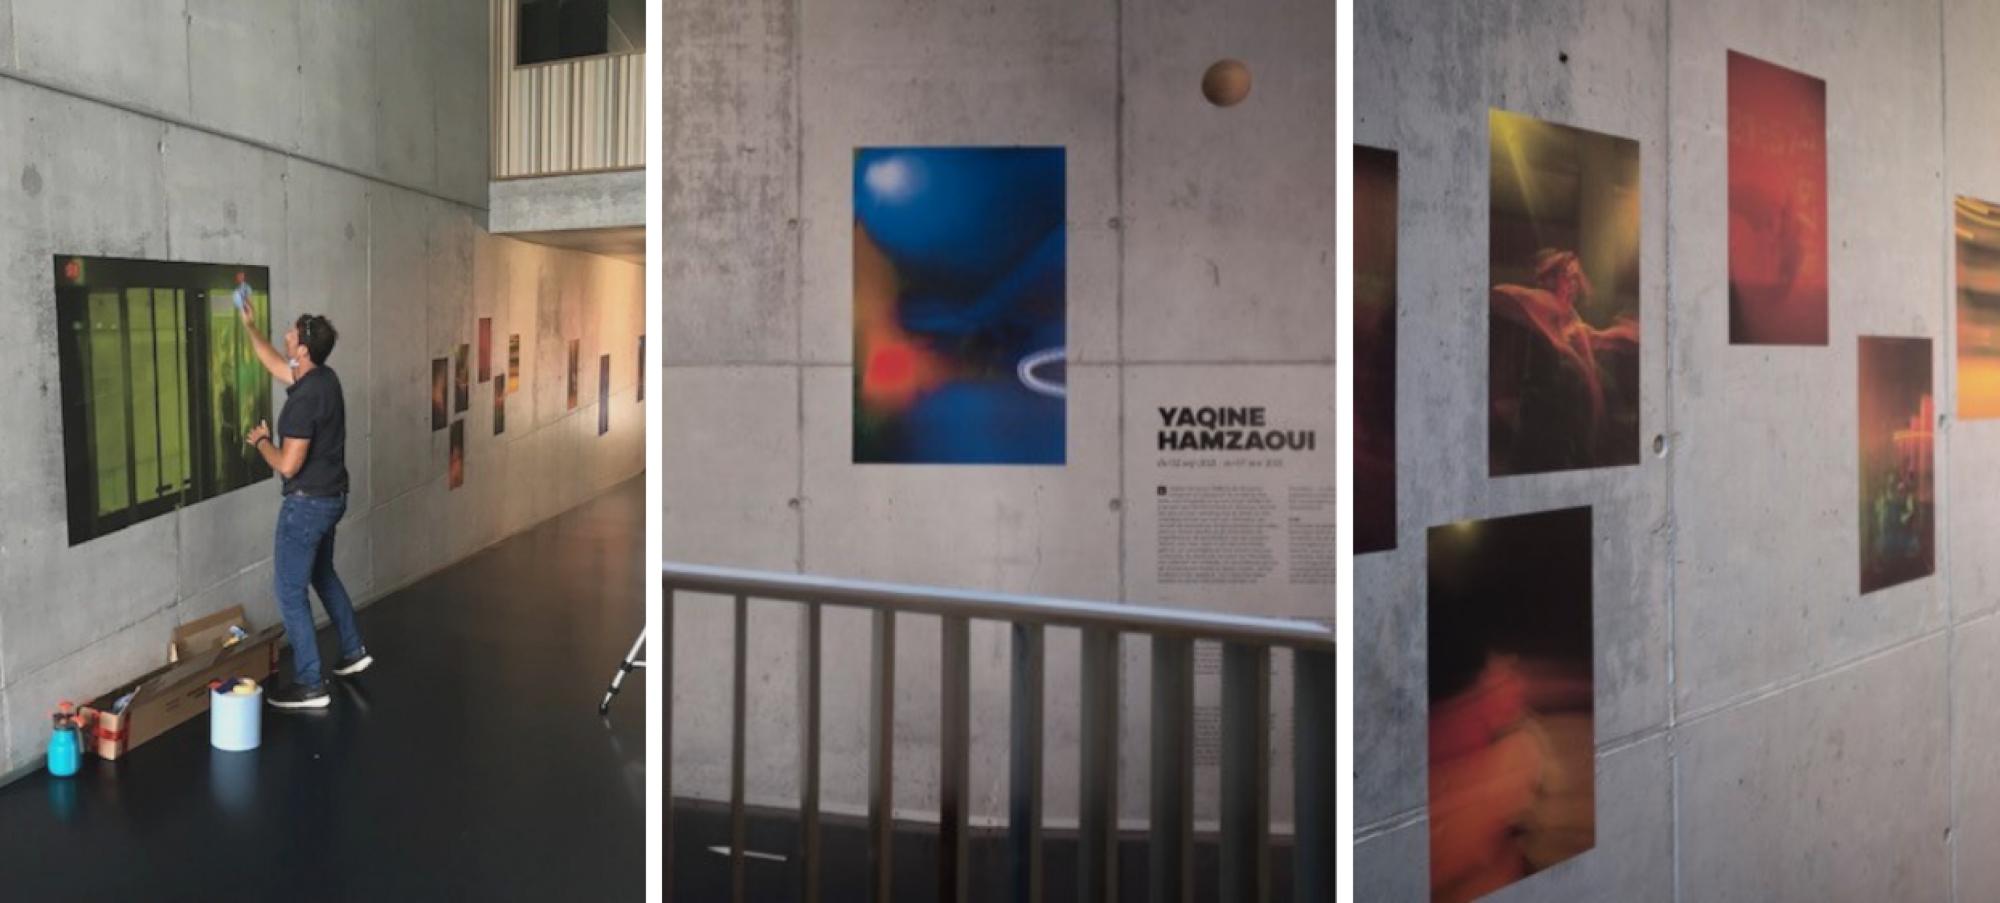 Nieuwe expo Yaqine Hamzaoui